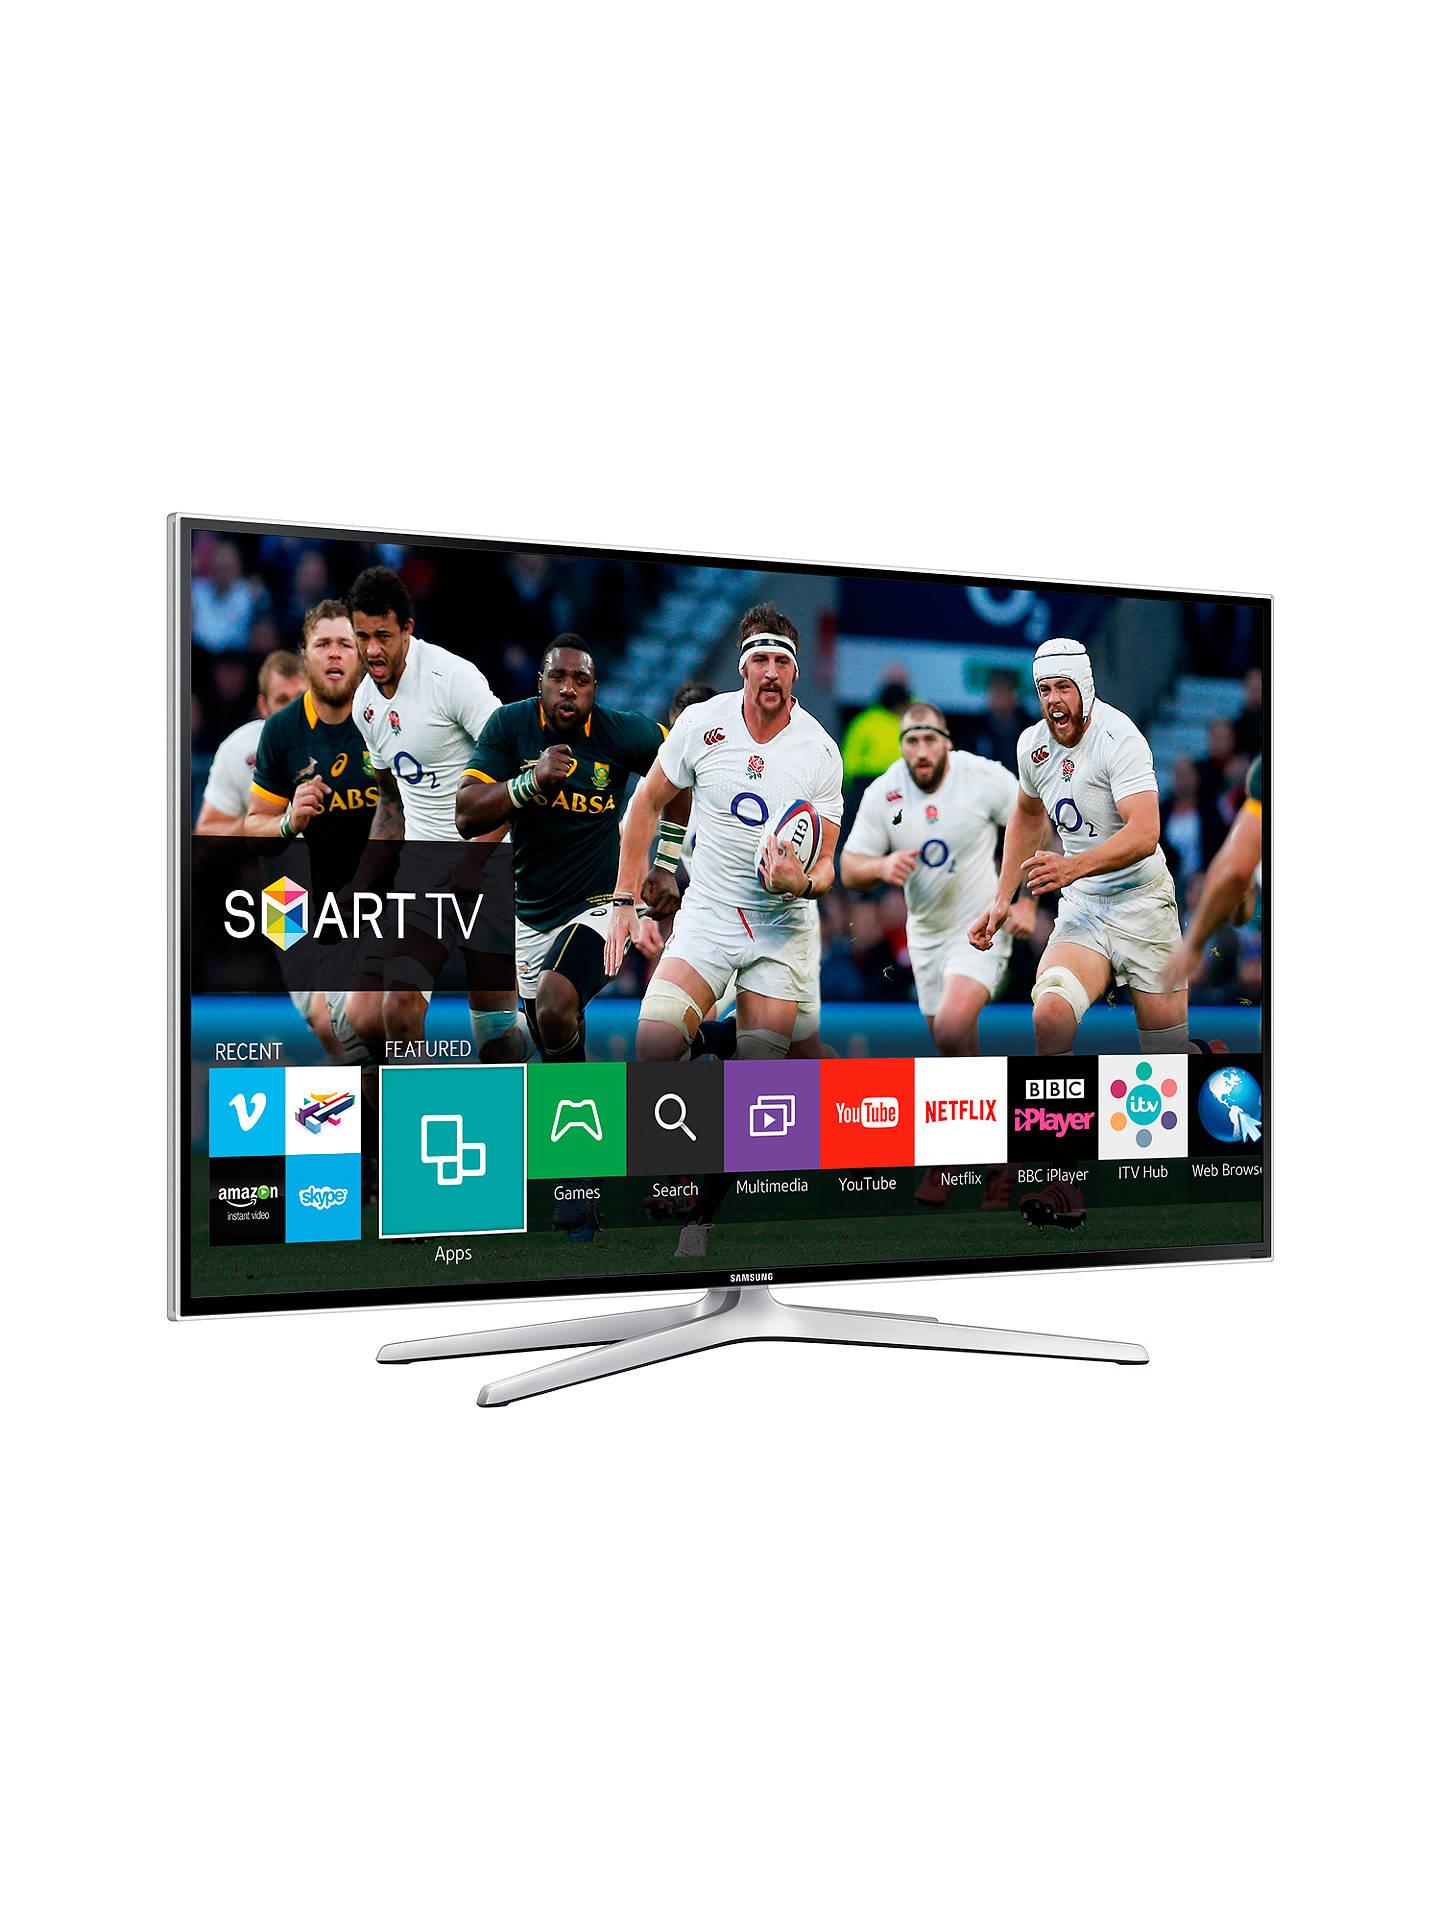 Samsung UE32H6400 LED HD 1080p 3D Smart TV, 32